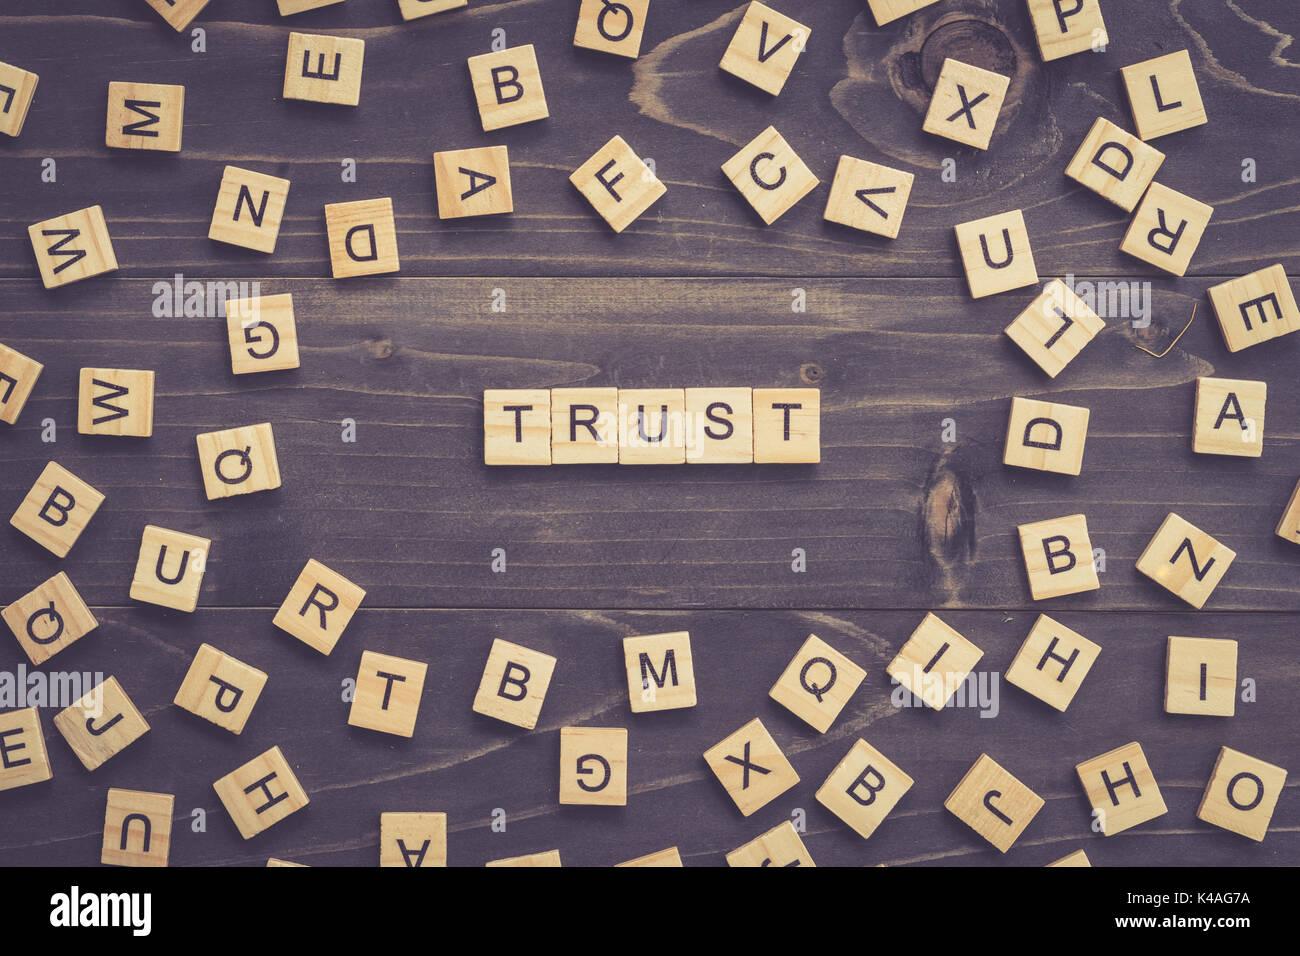 Vertrauen Wort Holz Block am Tisch für Business Konzept. Stockbild